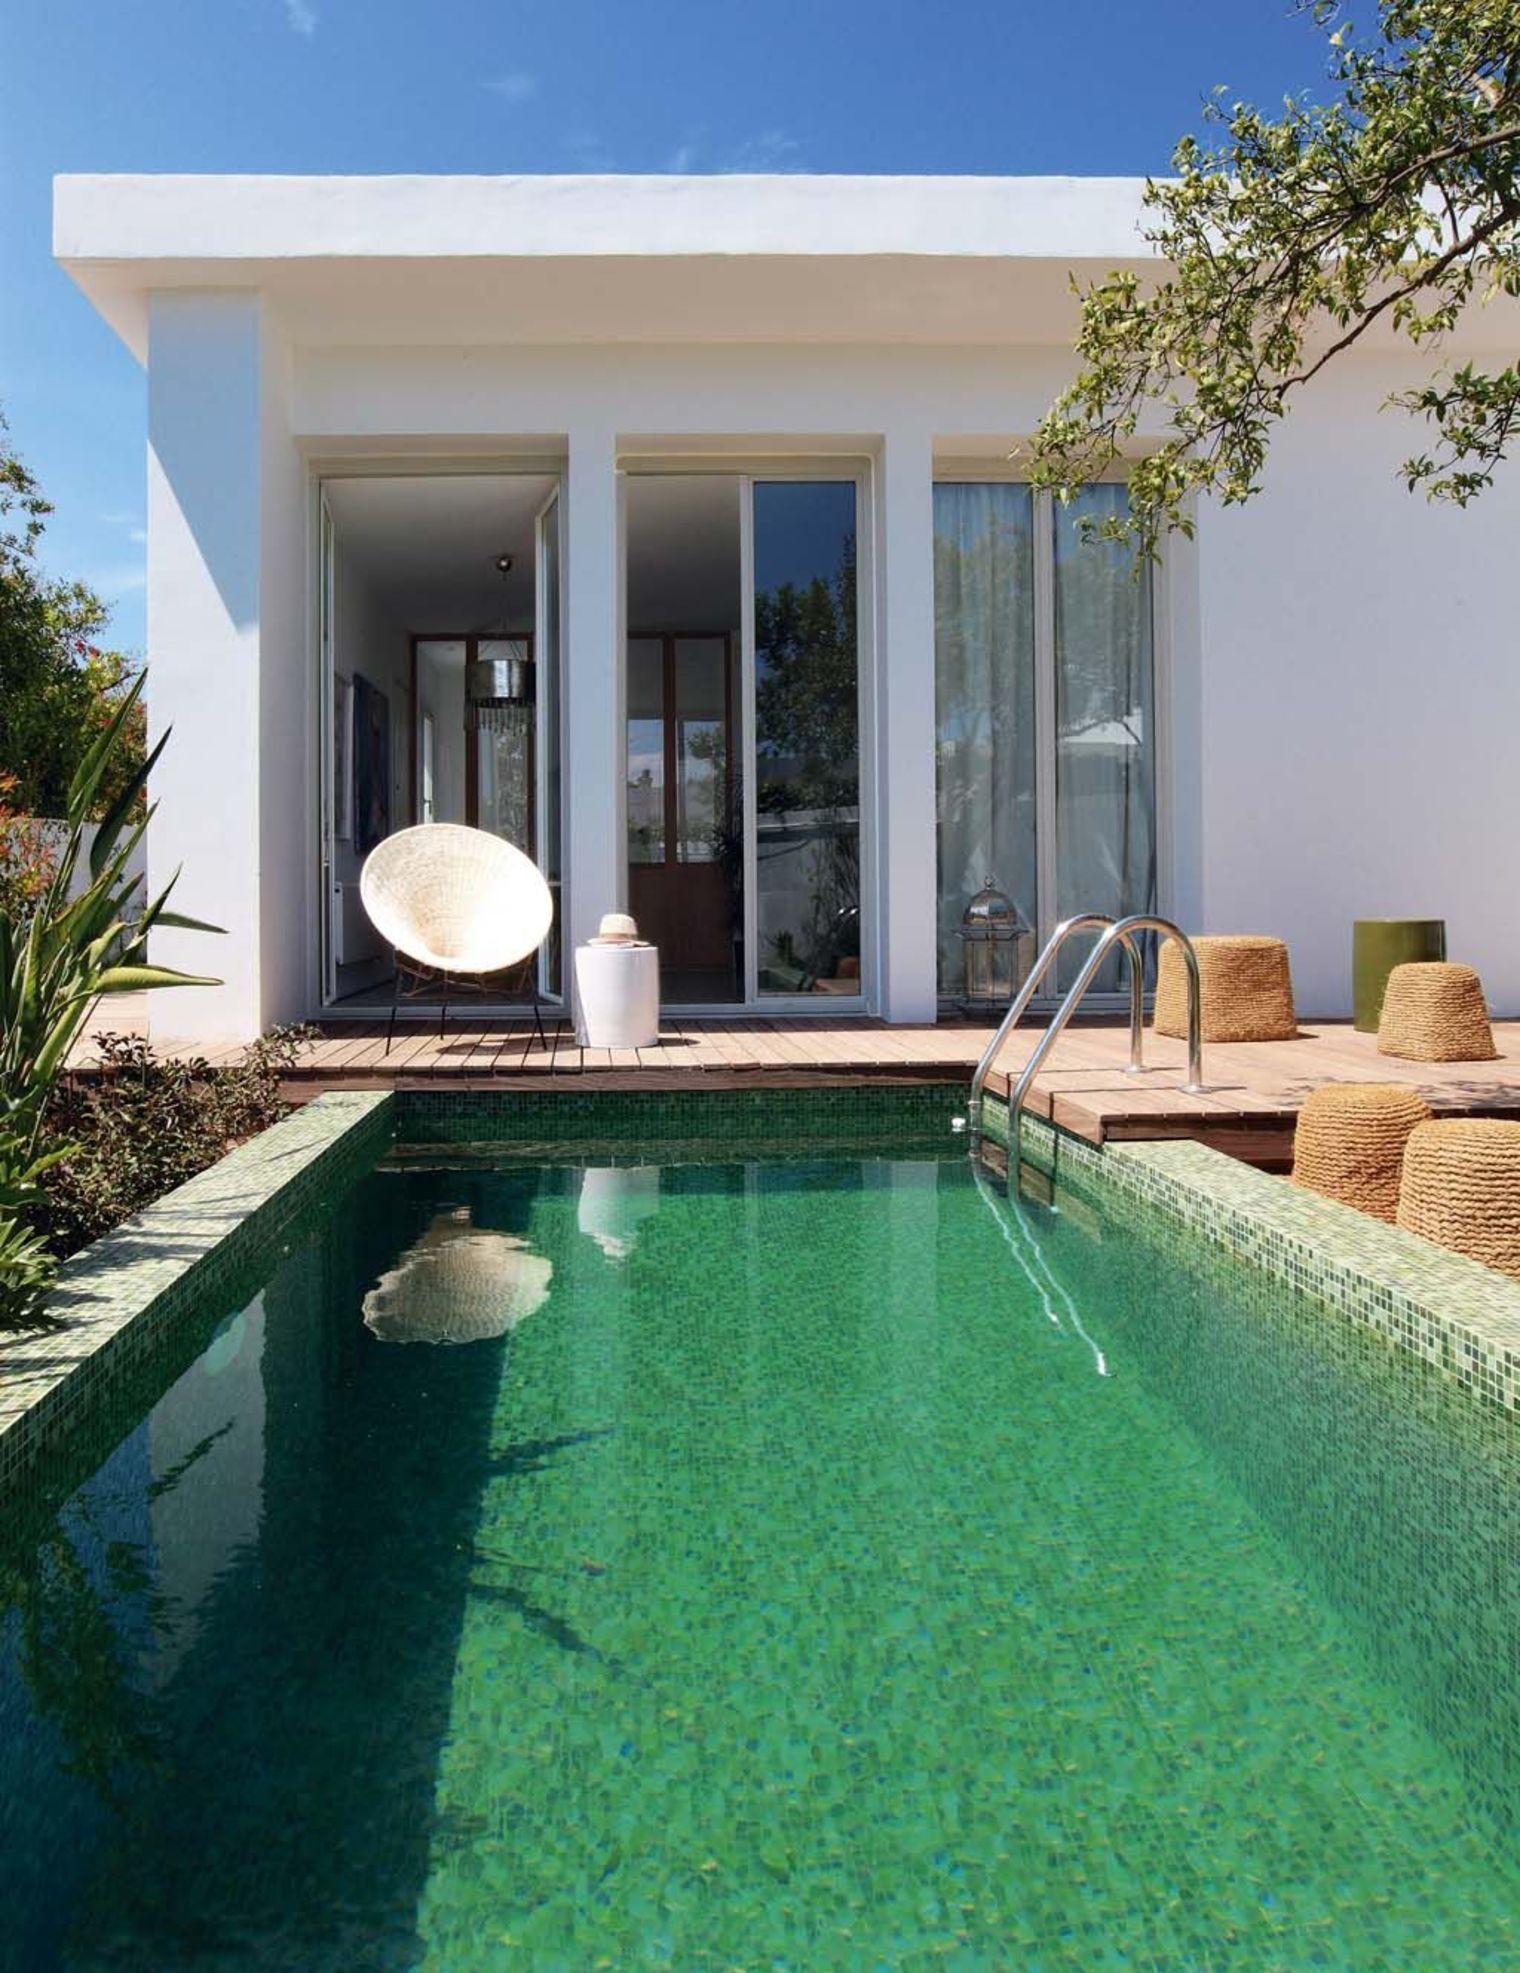 visite d co r novation place aux carreaux de ciment decocrush. Black Bedroom Furniture Sets. Home Design Ideas